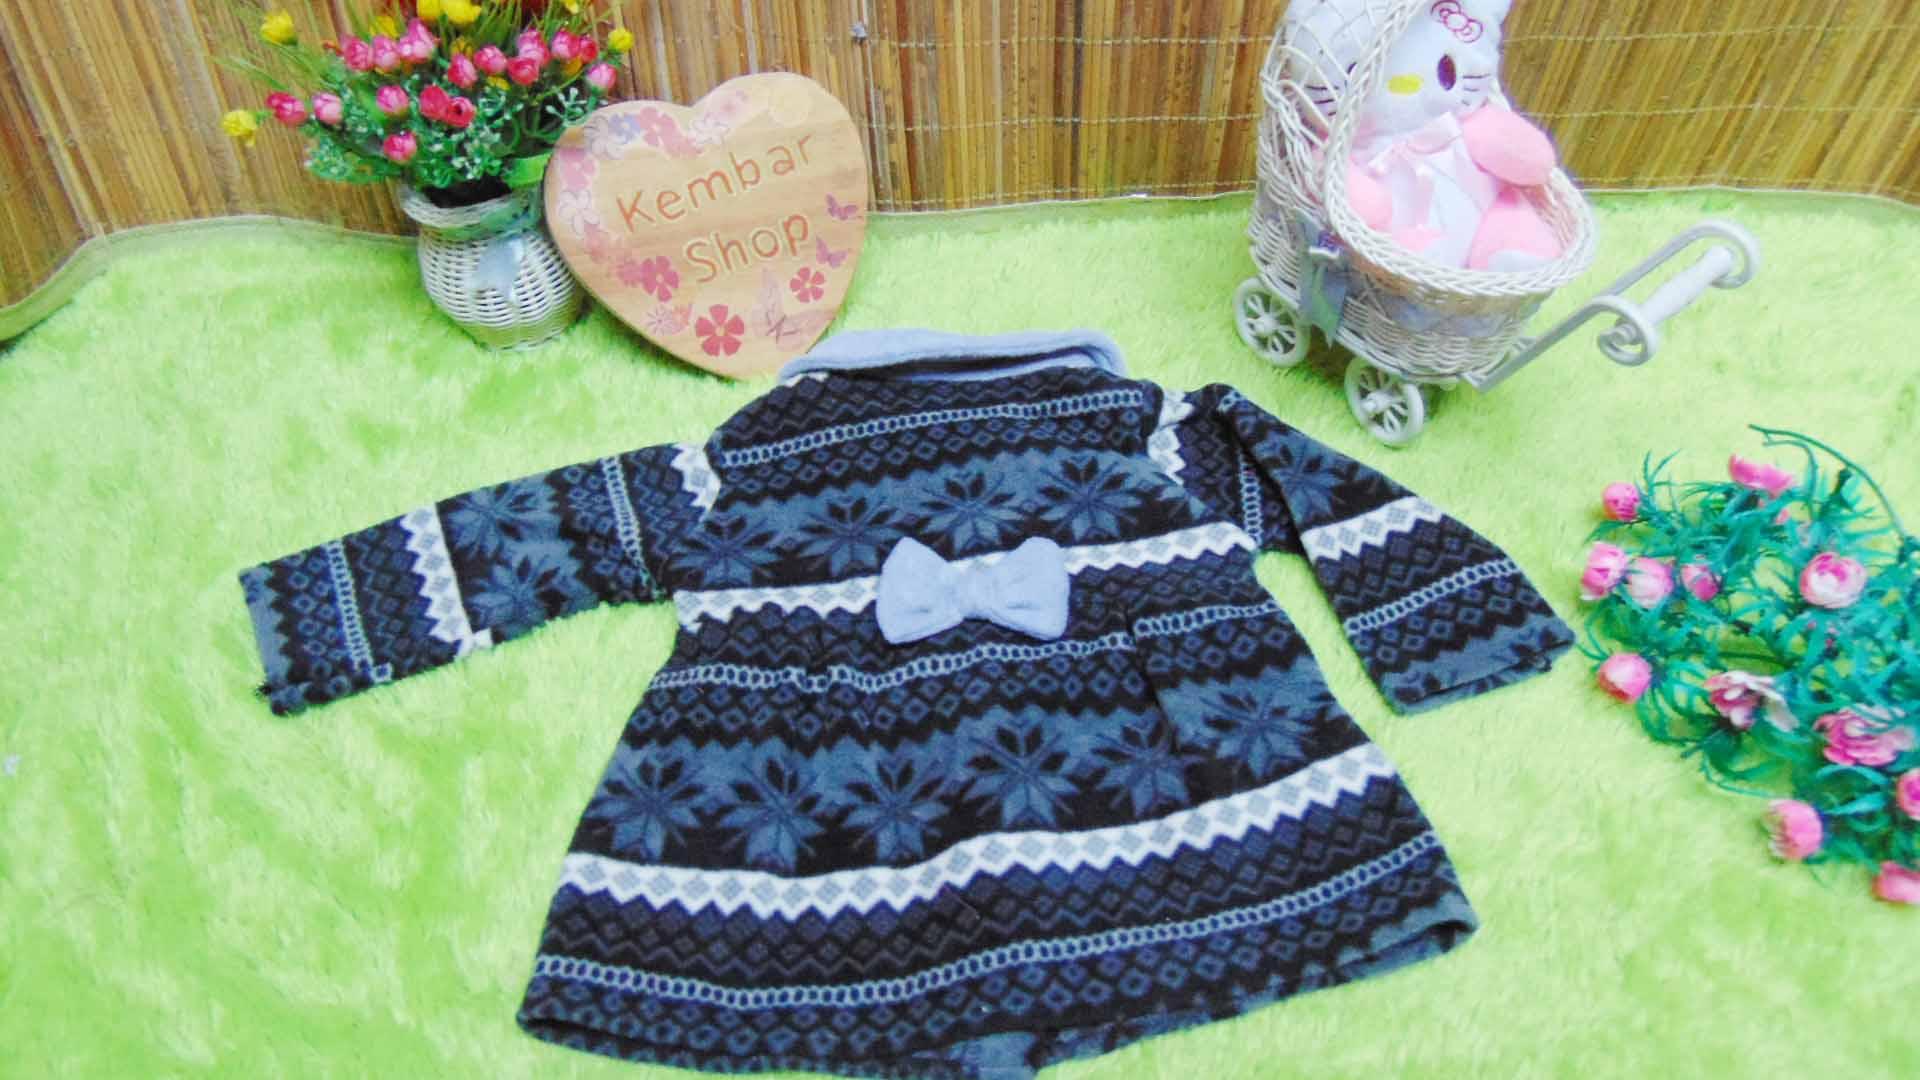 jaket bayi blazer baby mantel bayi hangat lembut 0-18bulan motif aztec abu hitam (1)